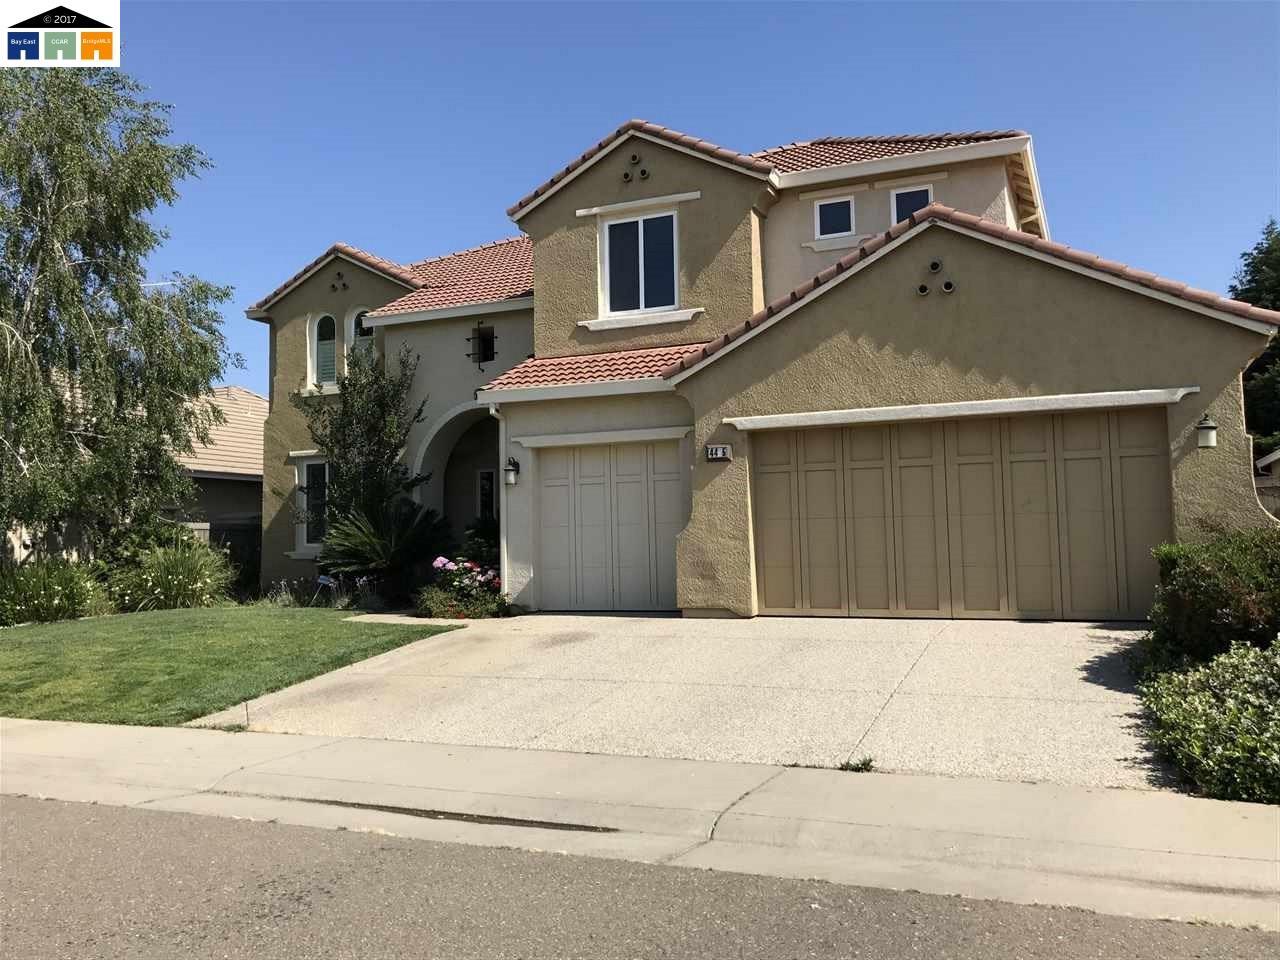 واحد منزل الأسرة للـ Sale في 4425 SOPHISTRY DRIVE 4425 SOPHISTRY DRIVE Rancho Cordova, California 95742 United States